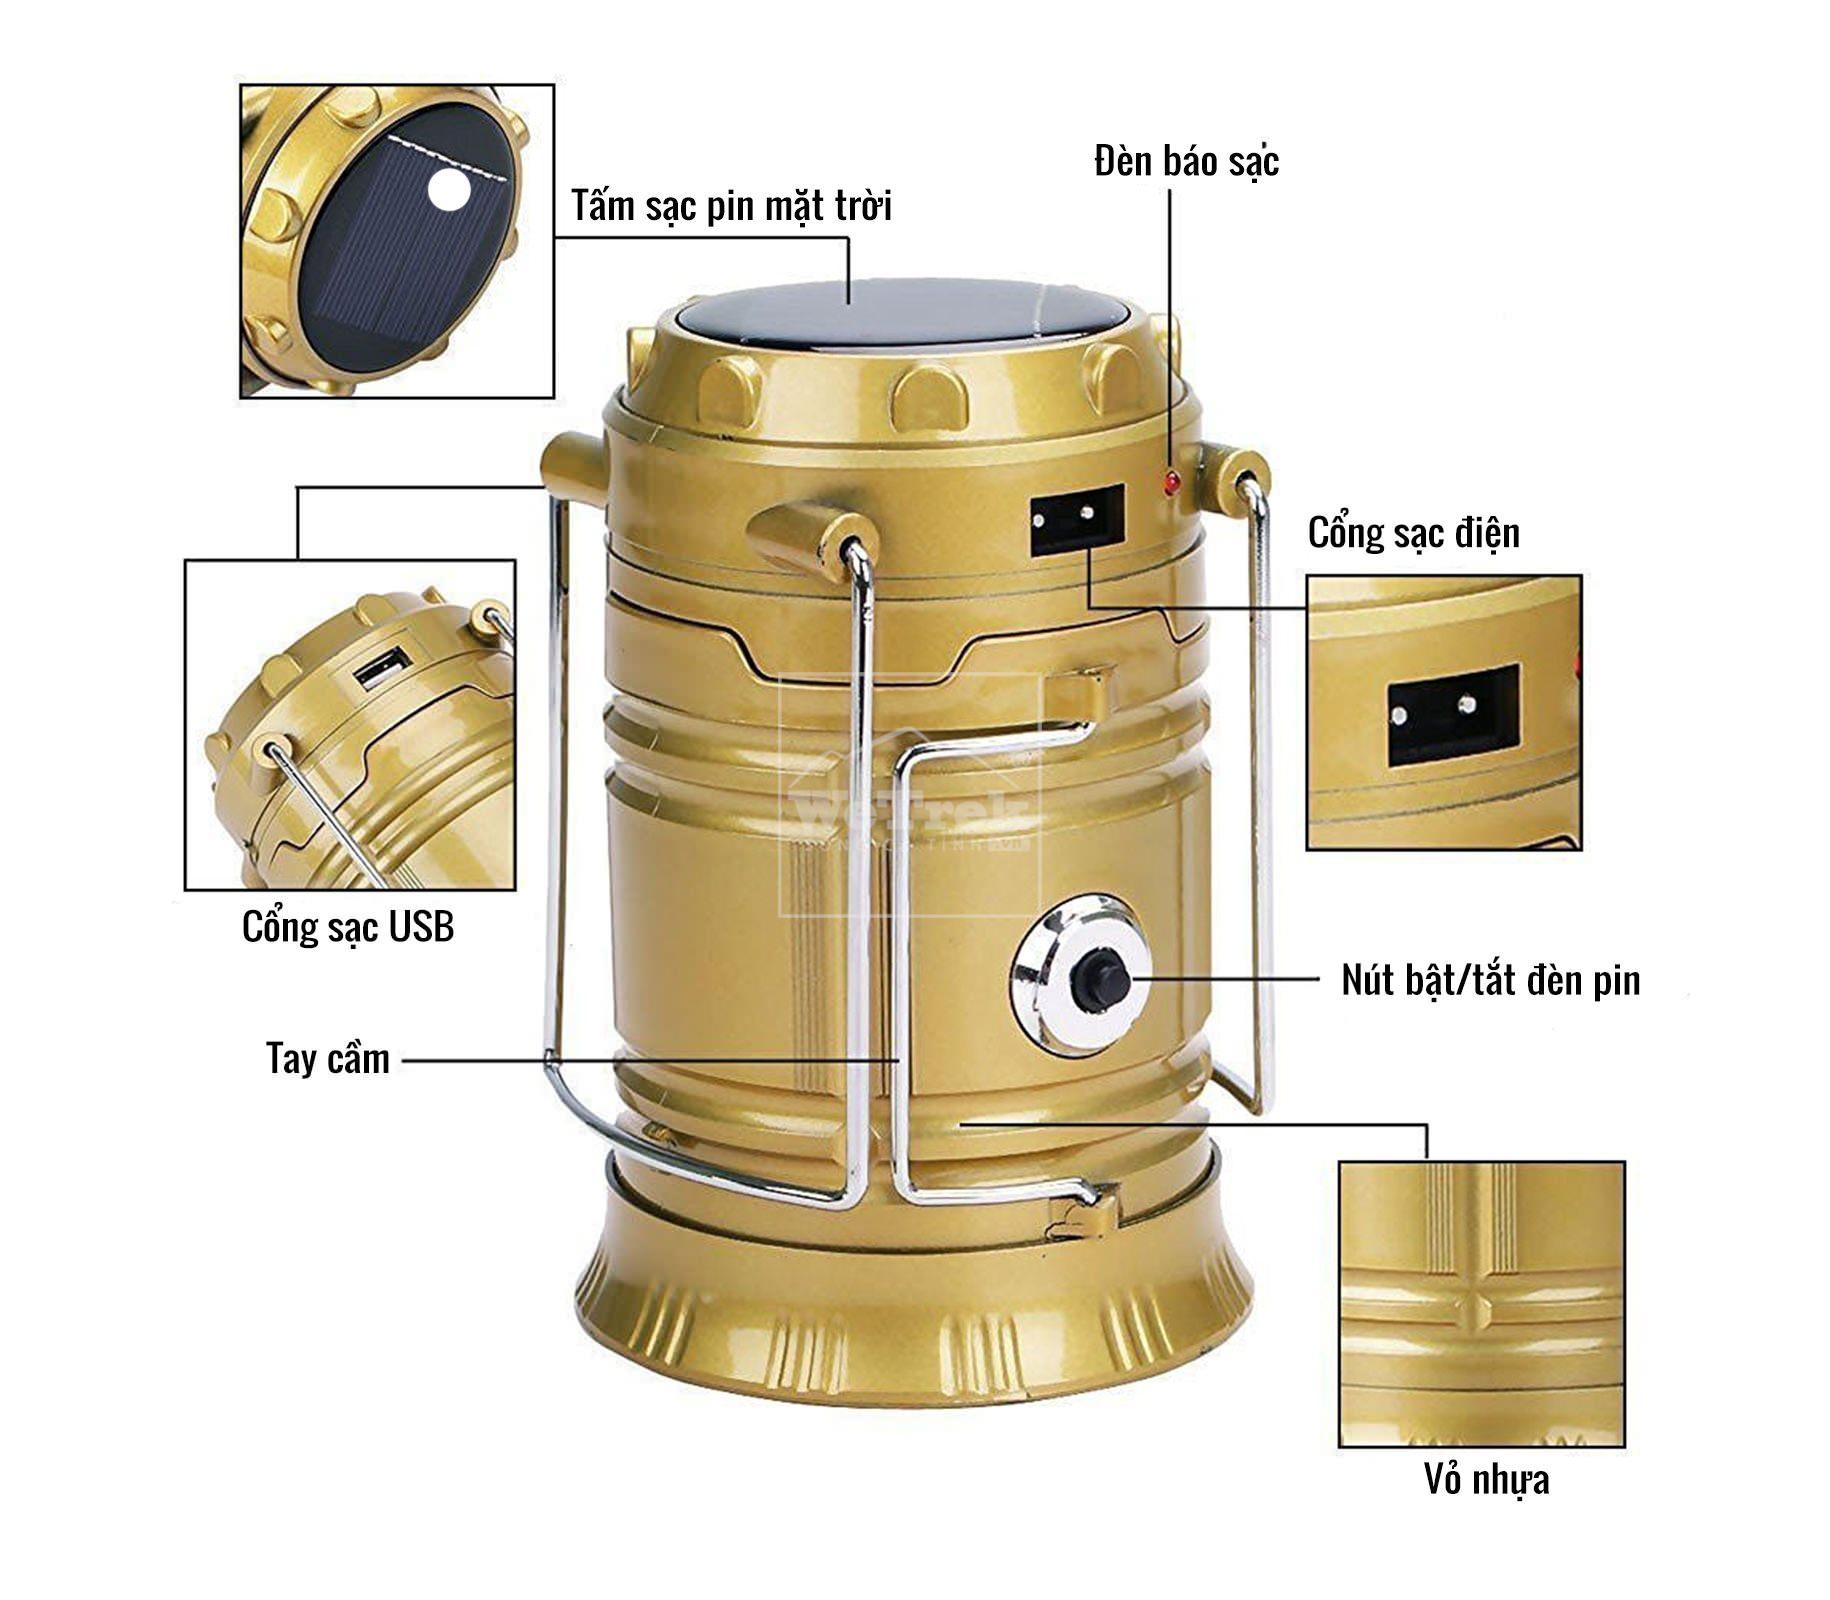 den-leu-6-1-led-rechareable-camping-lantern-jh-5800t-wetrek.vn-4